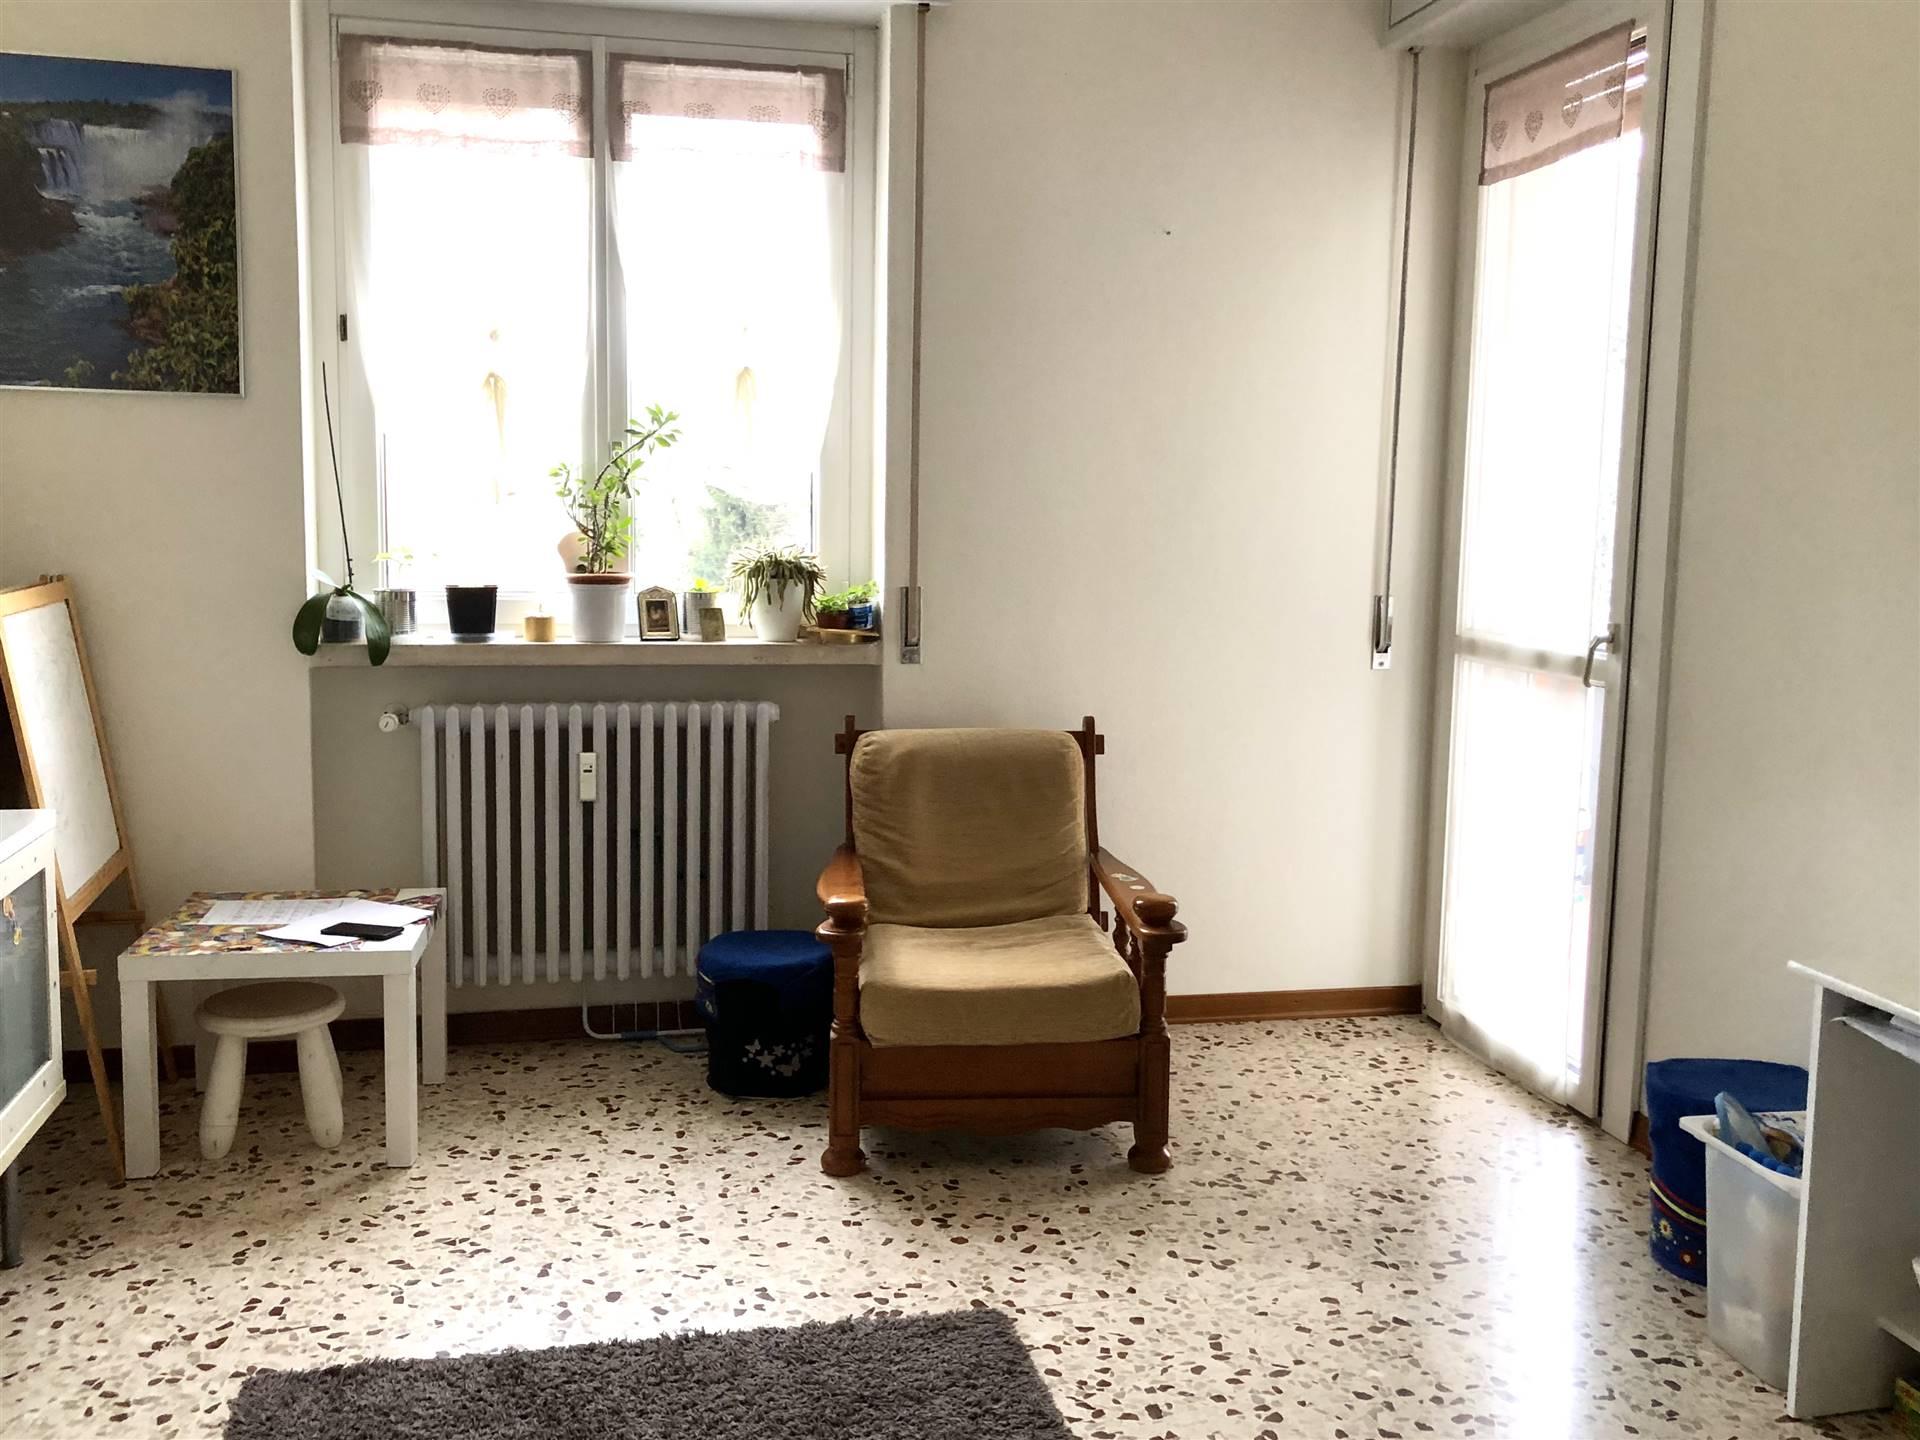 Appartamento in vendita a Locate di Triulzi, 4 locali, prezzo € 180.000 | CambioCasa.it